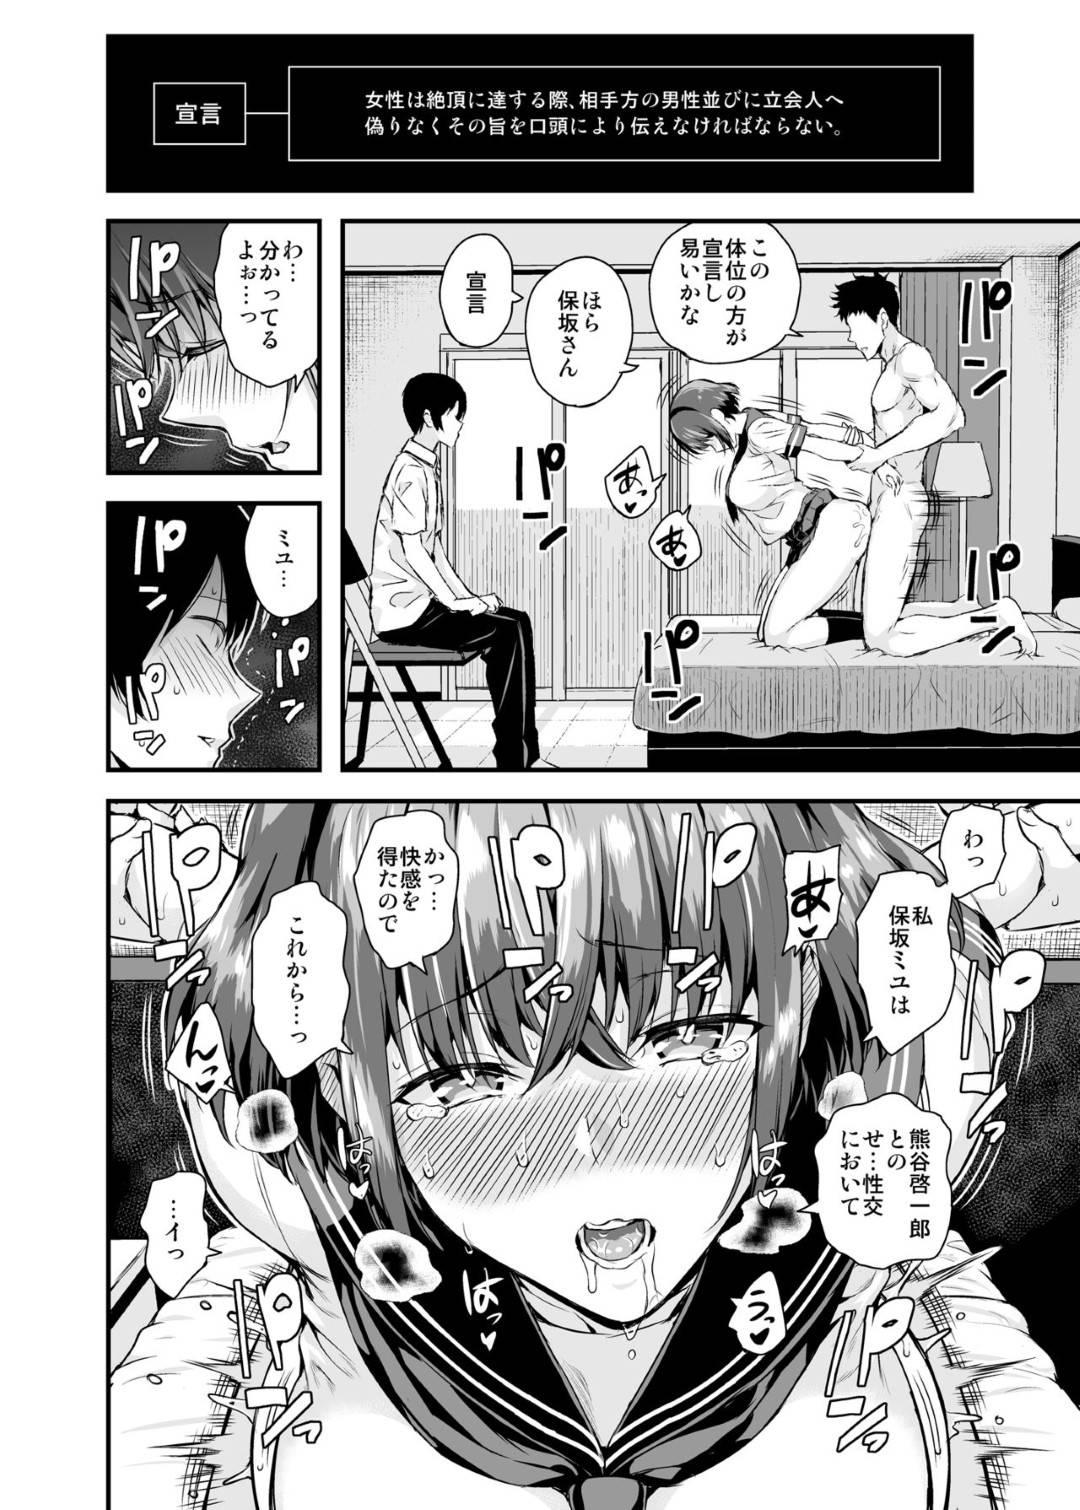 【エロ漫画】【エロ漫画】自分をフッタ男に親友とのSEX立会人を願うJK…童貞かと思っていたが実は性豪の男と恥じらいがちな彼女とのセックスを立会人として見守るのみ【シオロク:タチアイ】